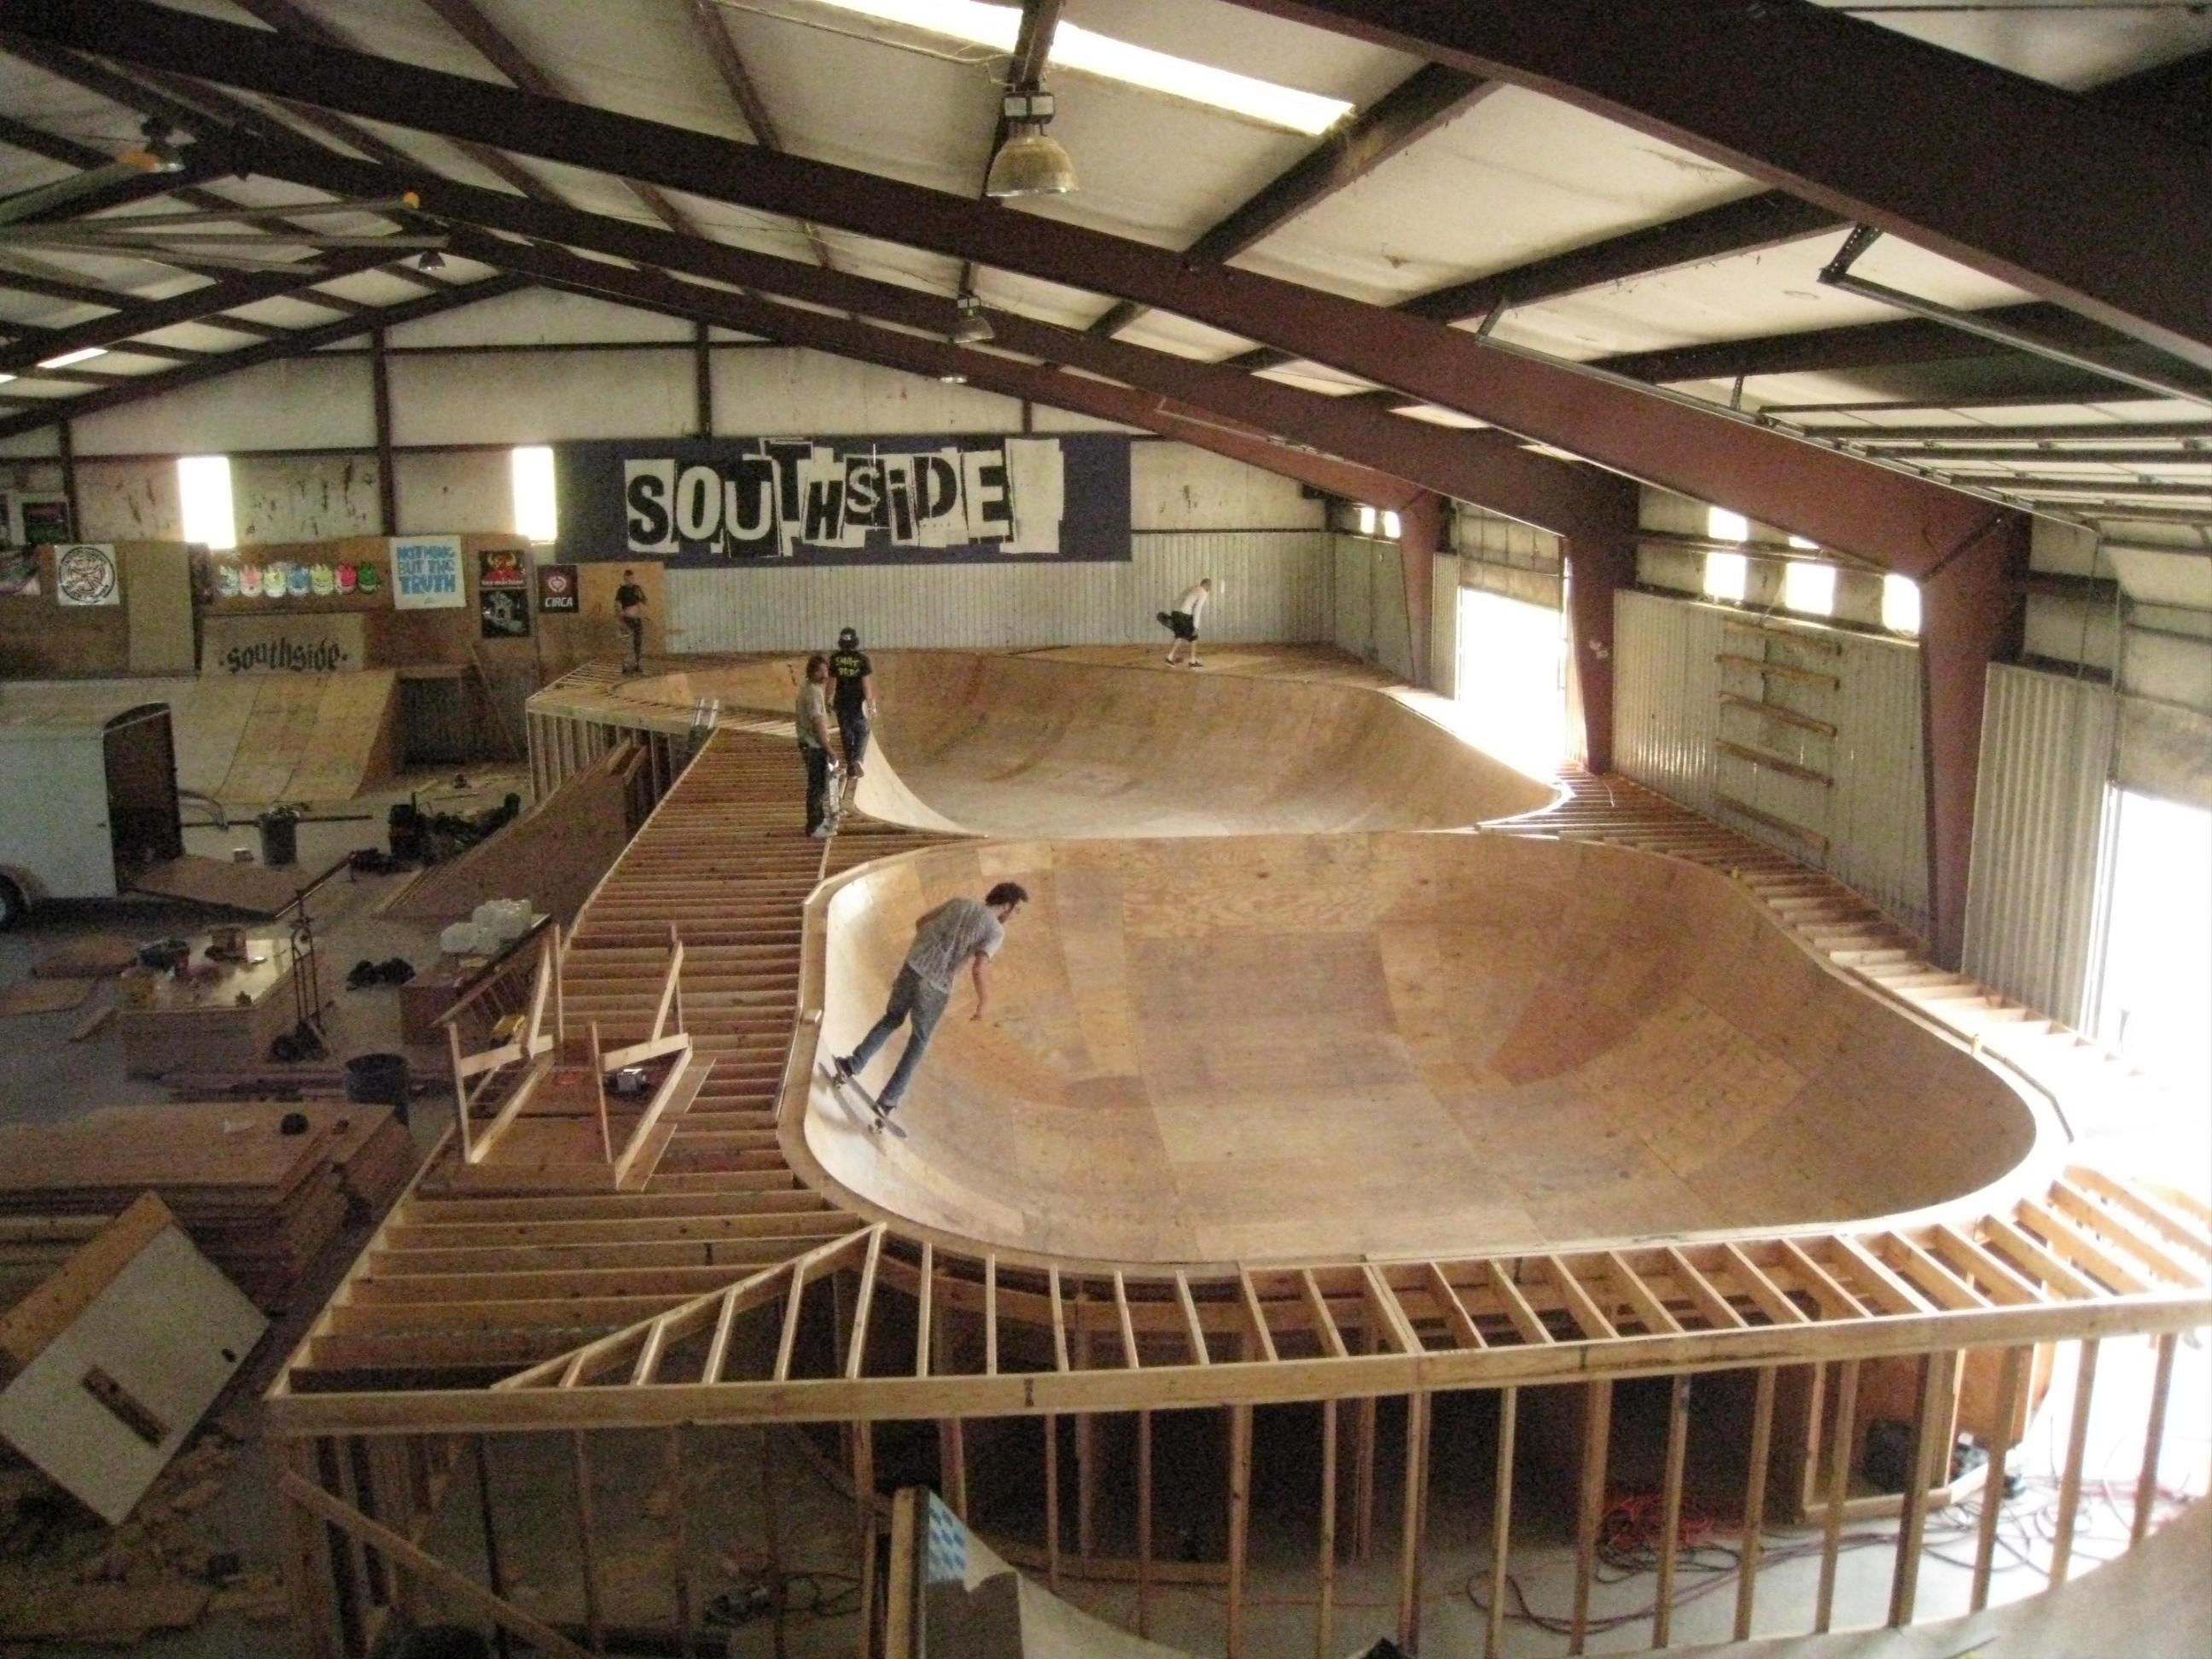 Southside skatepark in process wooden bowl 2008 no longer for Indoor skatepark design uk